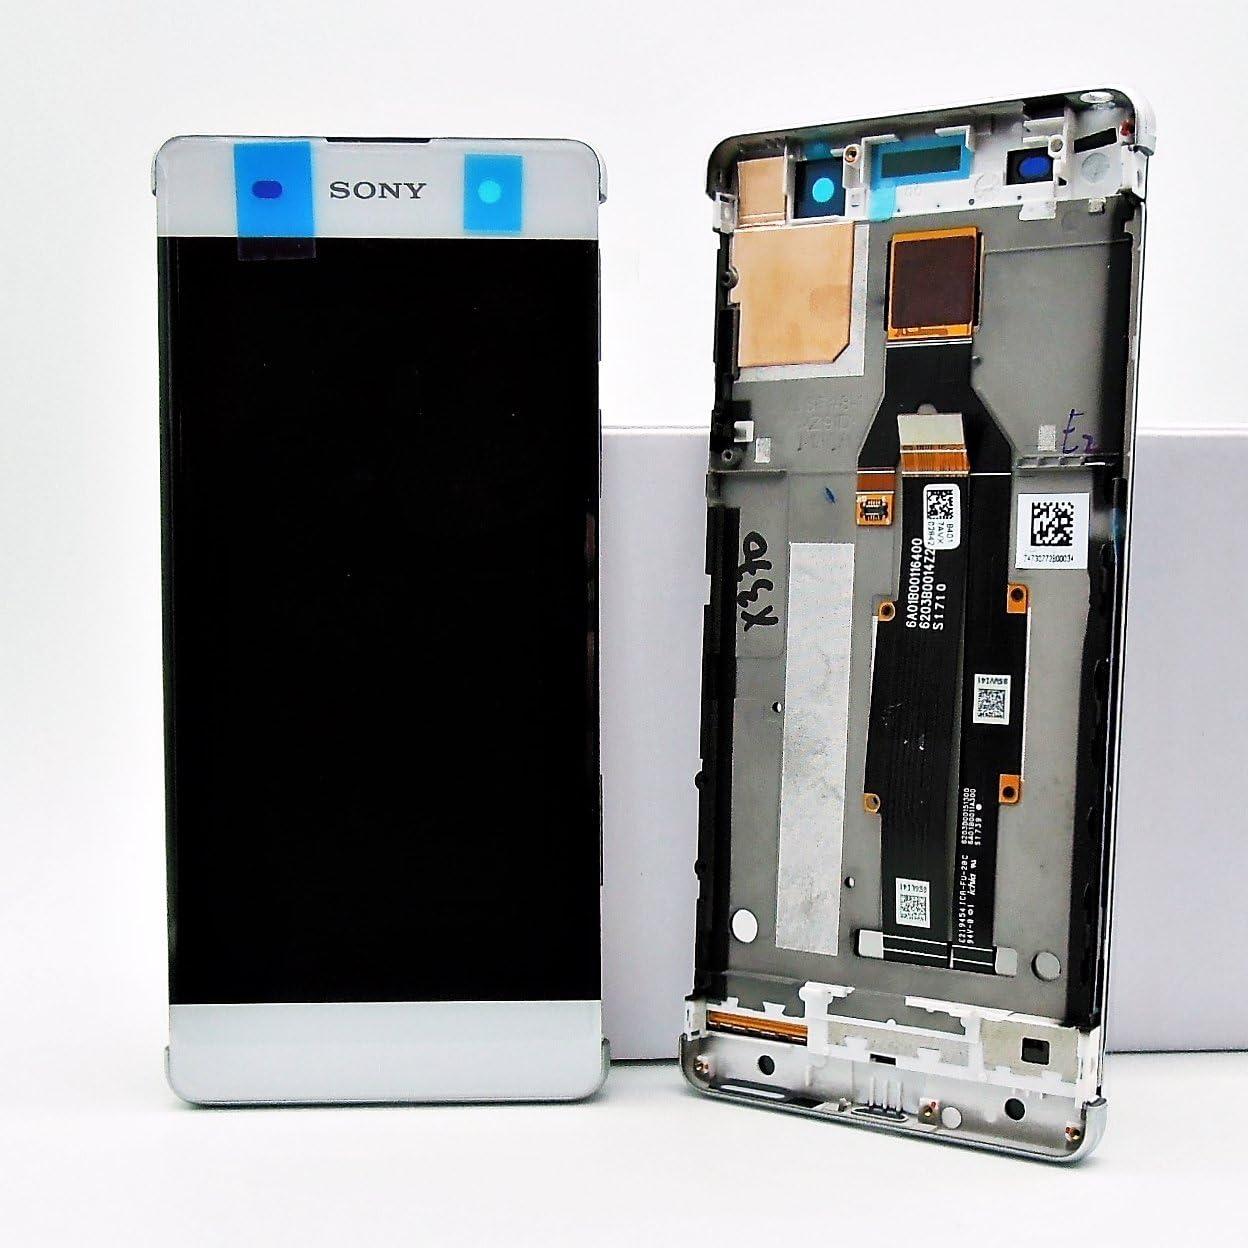 Original Sony Xperia XA f3111 pantalla LCD con Marco Service Pack pantalla táctil digitalizador Color Blanco Incluye janado Pegatinas: Amazon.es: Electrónica